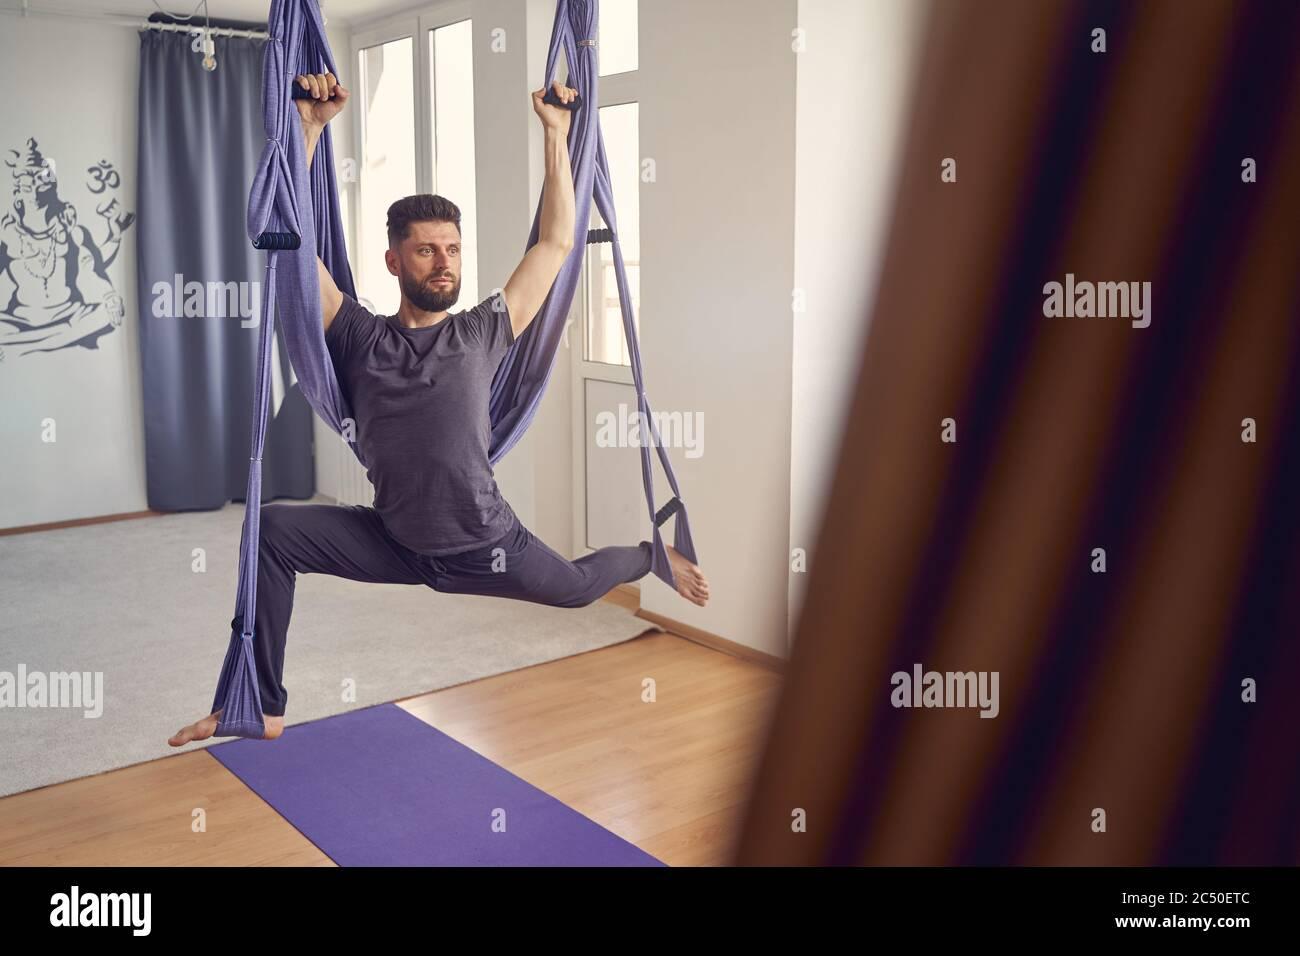 Hombre Guapo Usando Yoga Hamaca Columpio En Gimnasio Fotografia De Stock Alamy Añade nosotros los guapos a tus favoritos y. https www alamy es hombre guapo usando yoga hamaca columpio en gimnasio image364502668 html